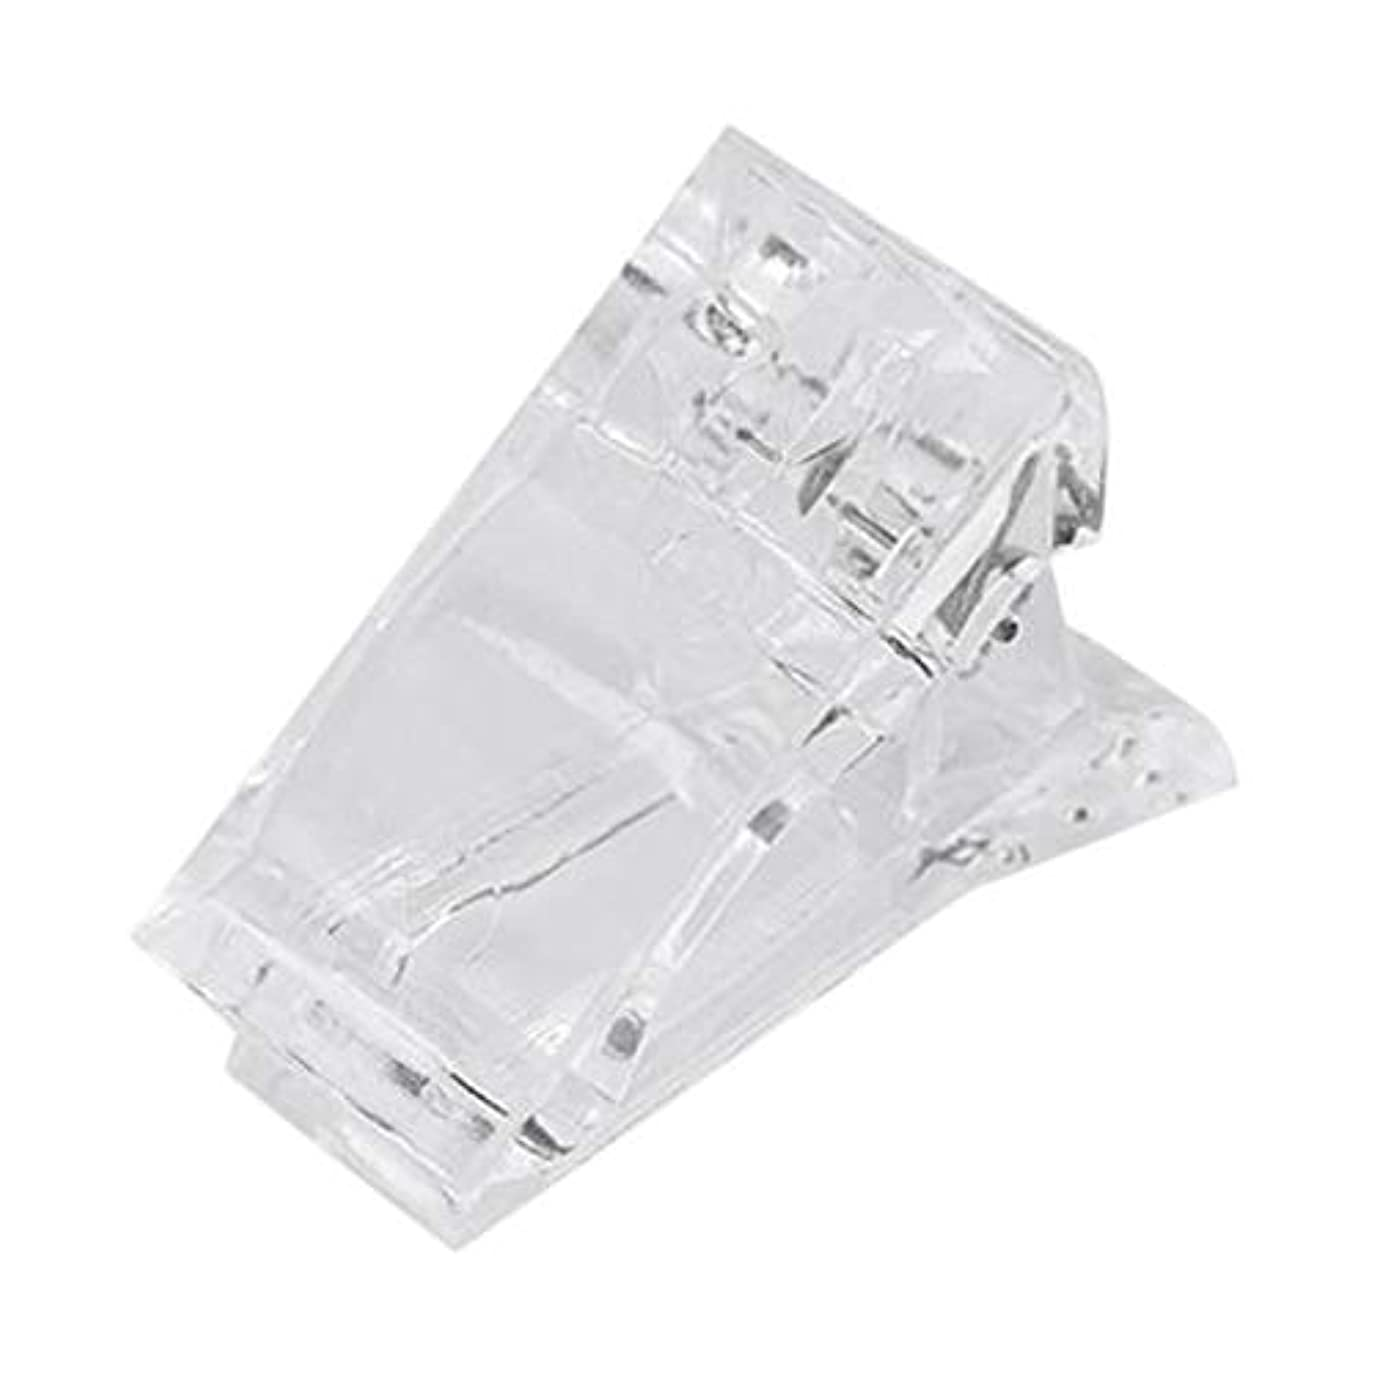 ペルセウス面積打ち上げるTOOGOO ネイルのクリップ 透明指ポリクイック ビルディングジェルエクステンション ネイルアート マニキュアツール アクセサリー 偽ネイル